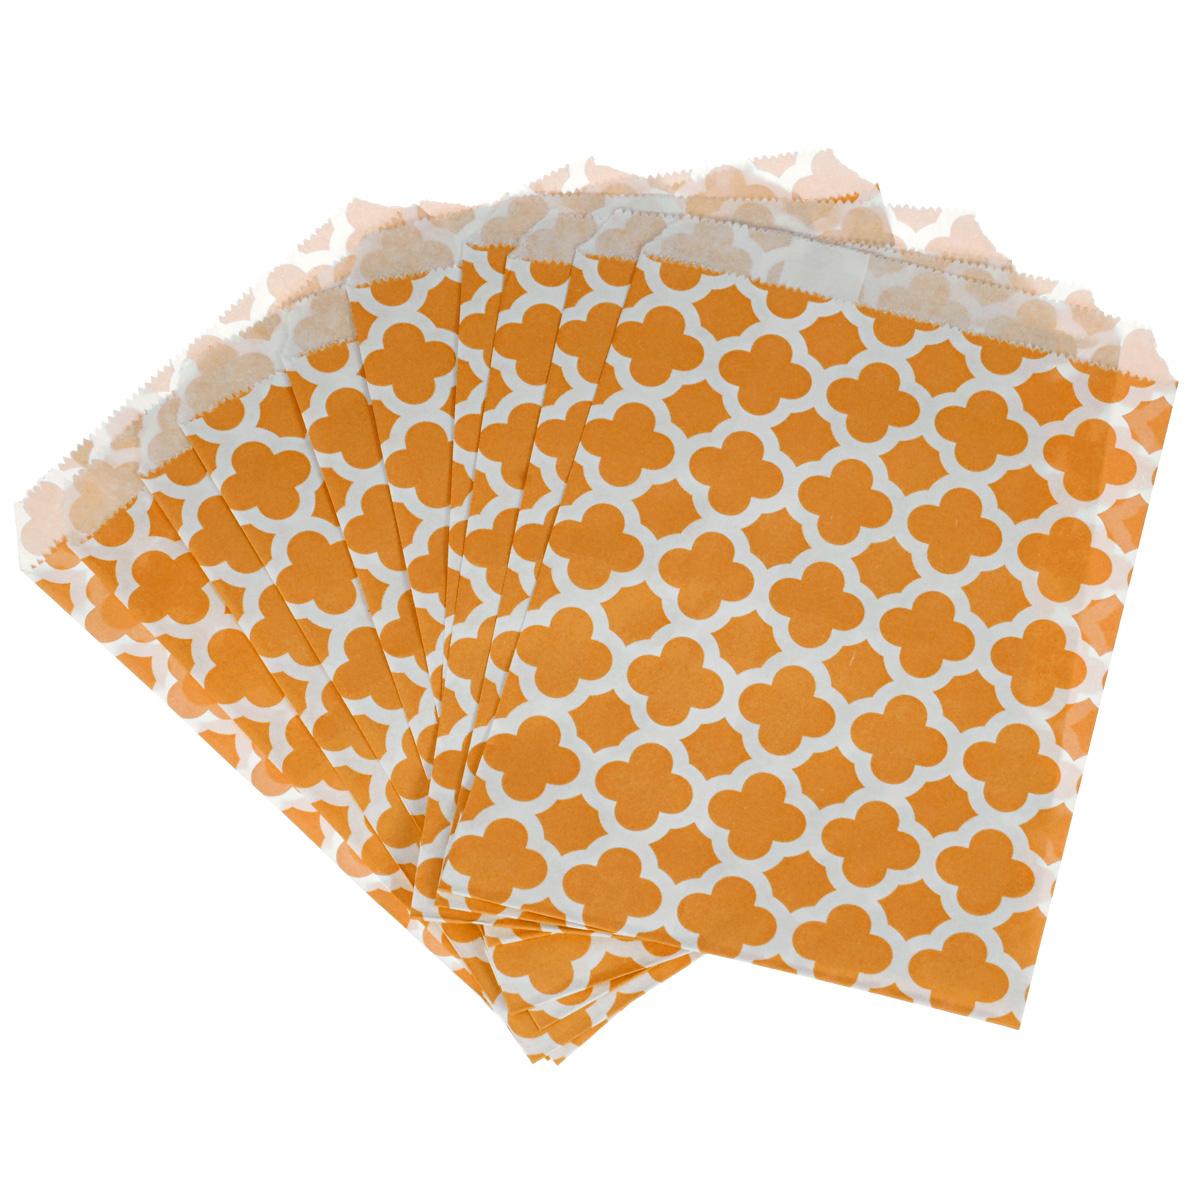 Пакеты бумажные Dolce Arti Arabesque, для выпекания, цвет: оранжевый, 10 шт94672Бумажные пакеты Dolce Arti Arabesque очень многофункциональны. Их можно использовать насколько хватит вашей фантазии: для выпекания, для упаковки маленьких подарков, сладостей и многого другого. Размер: 13 см х 18 см.